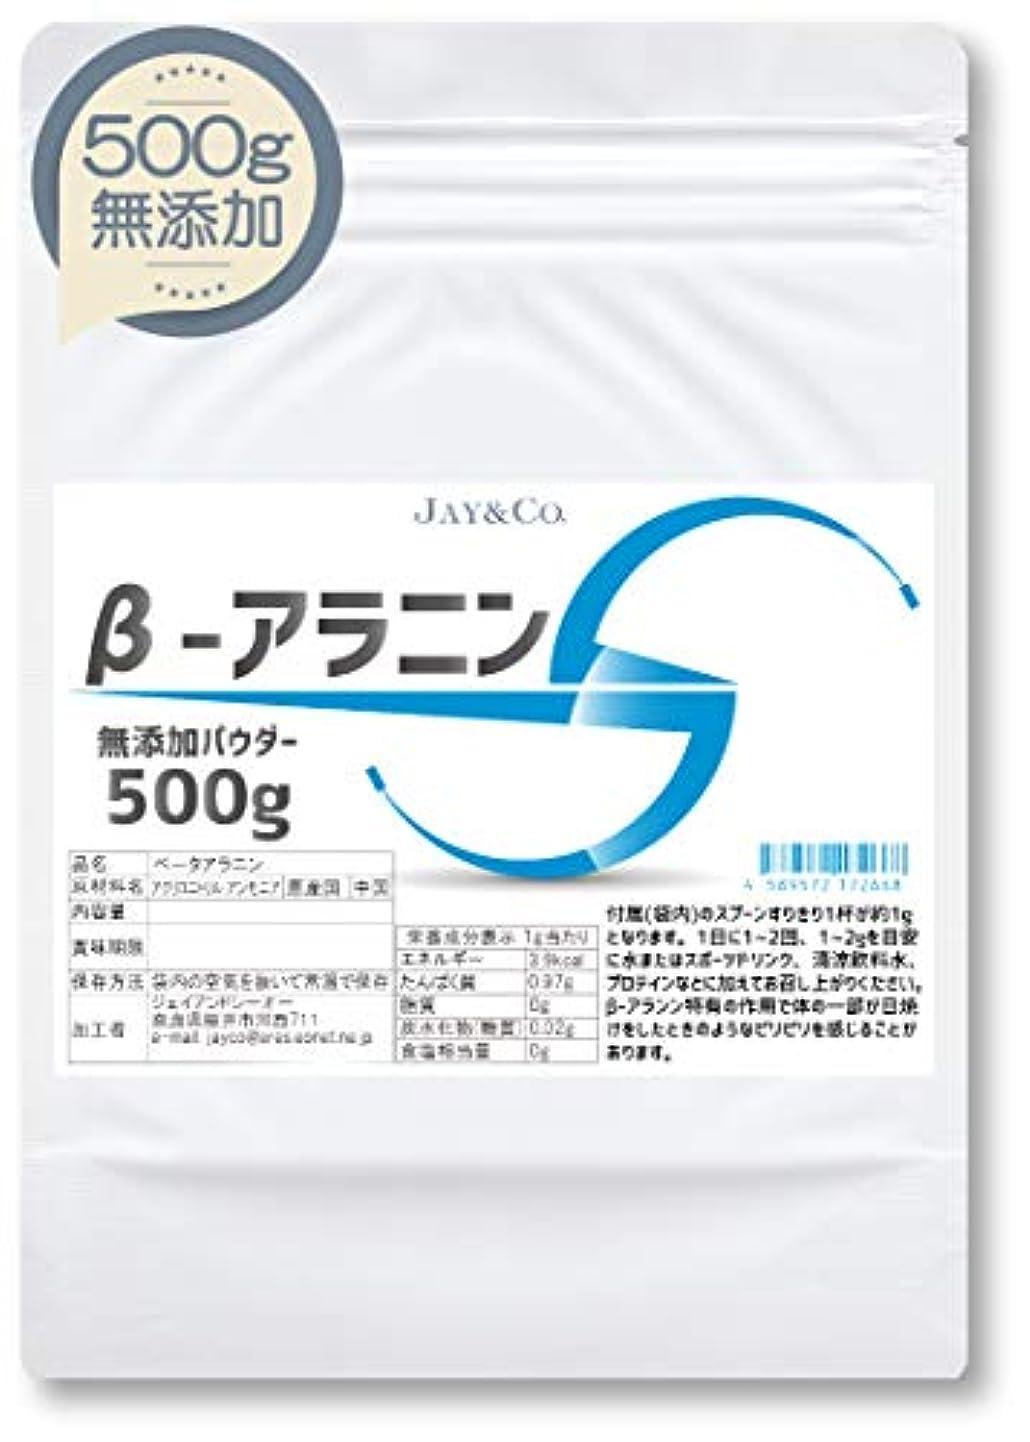 雨種限りなくβ-アラニン べータアラニン 無添加 100% パウダー (500g)